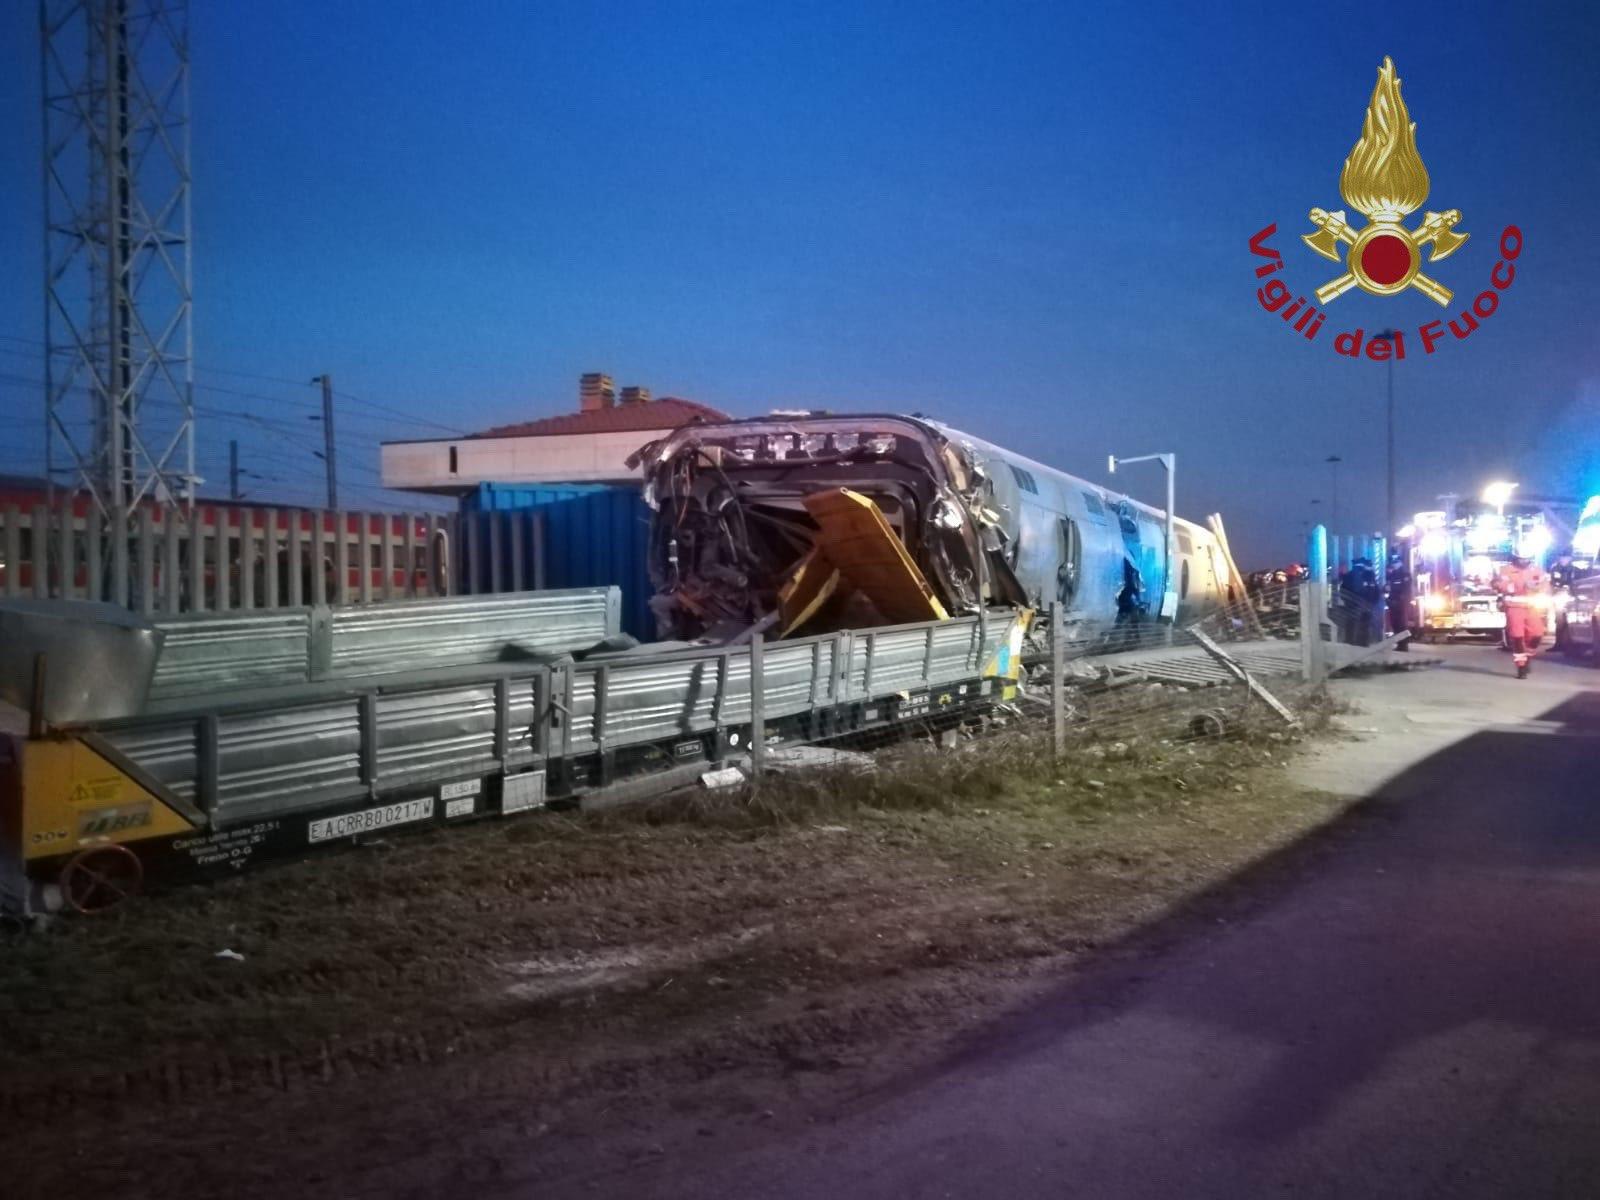 Apgāzusies ātrgaitas vilciena lokomotīve